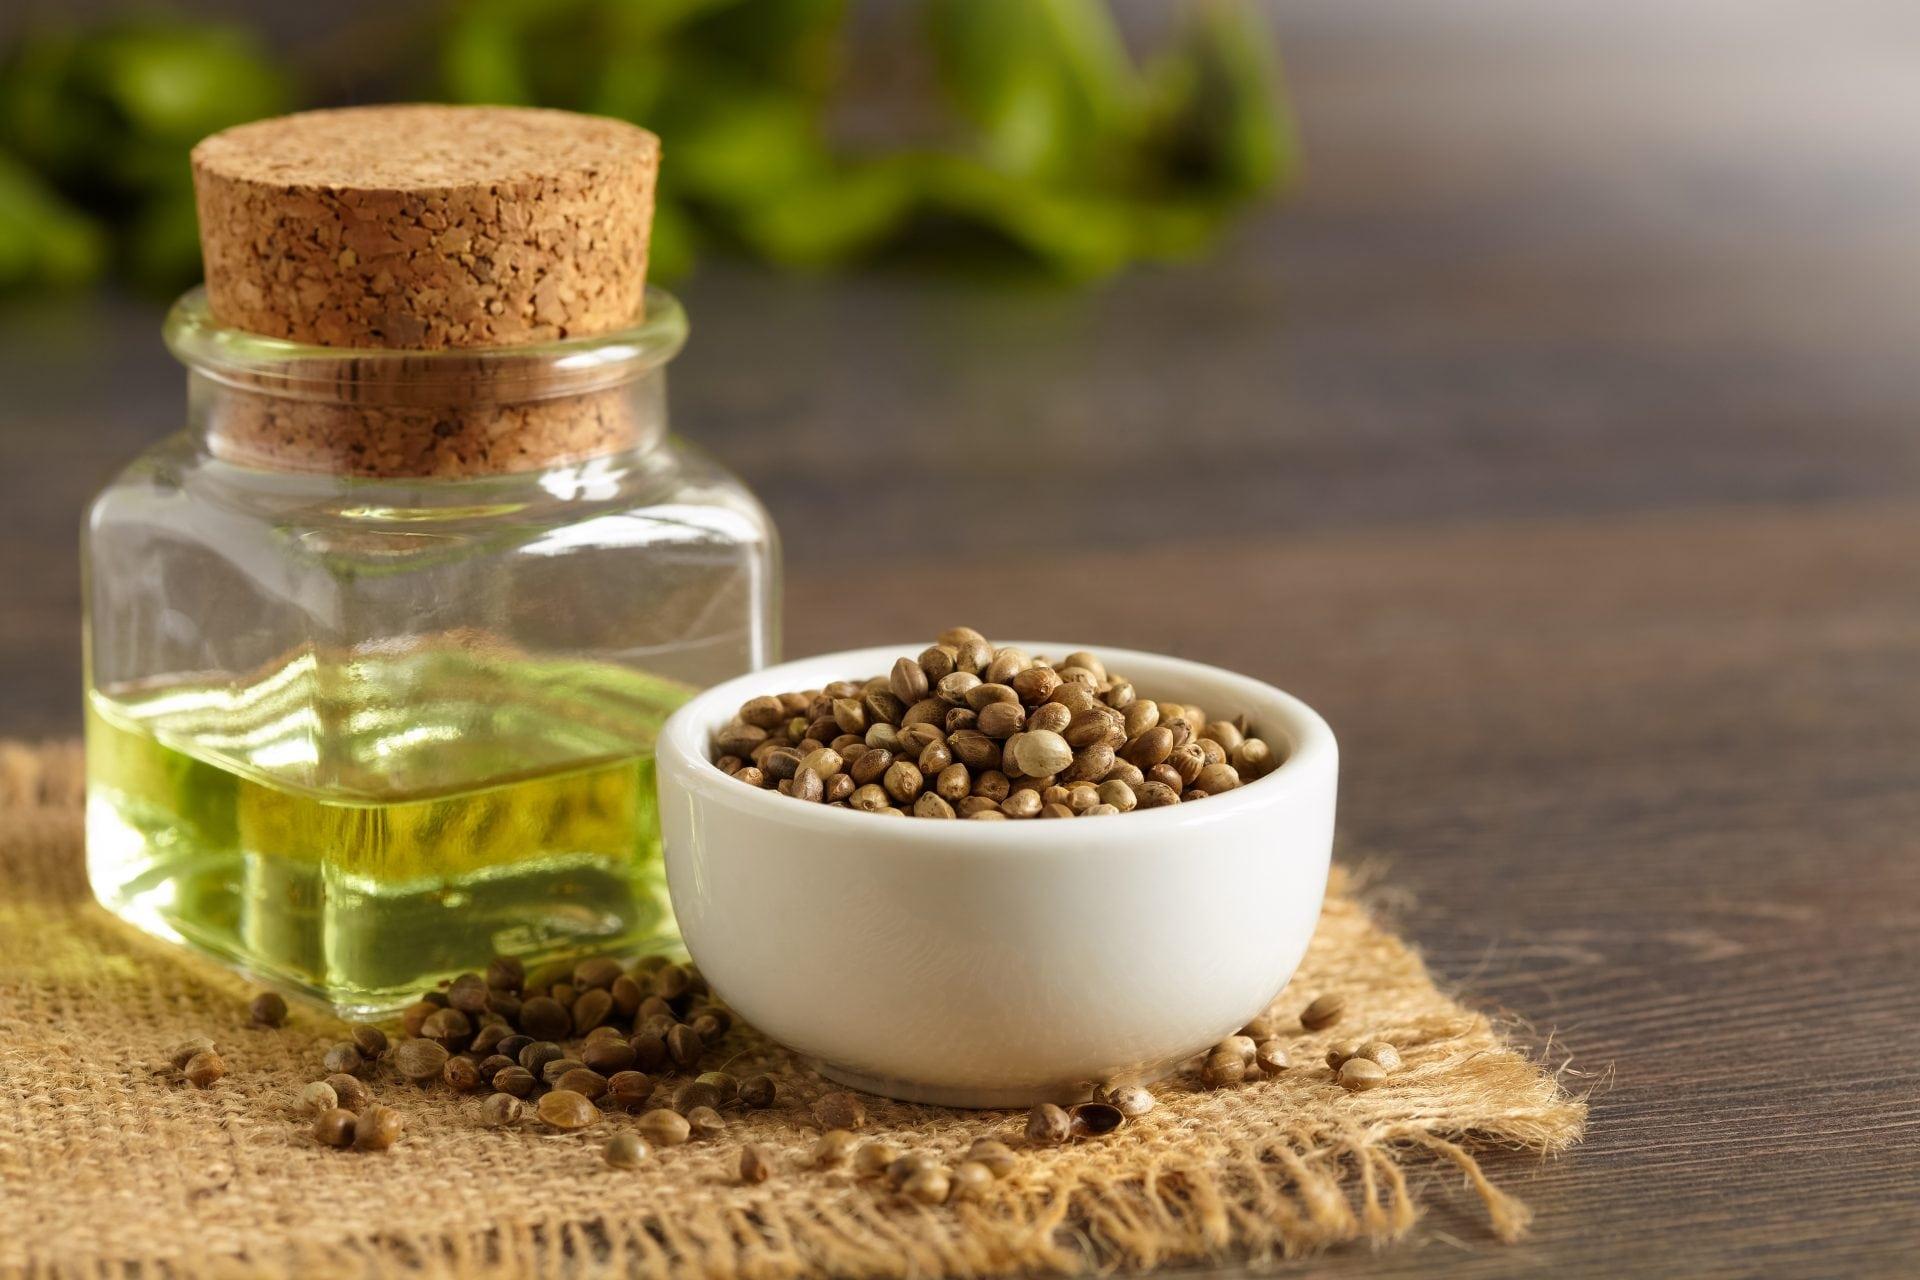 Hanfpassion verkauft nicht nur reine CBD Produkte, sondern auch Superfood - Artikel, sowie Hanfsamenöl, Hanfprotein, Hanftee und viel mehr.